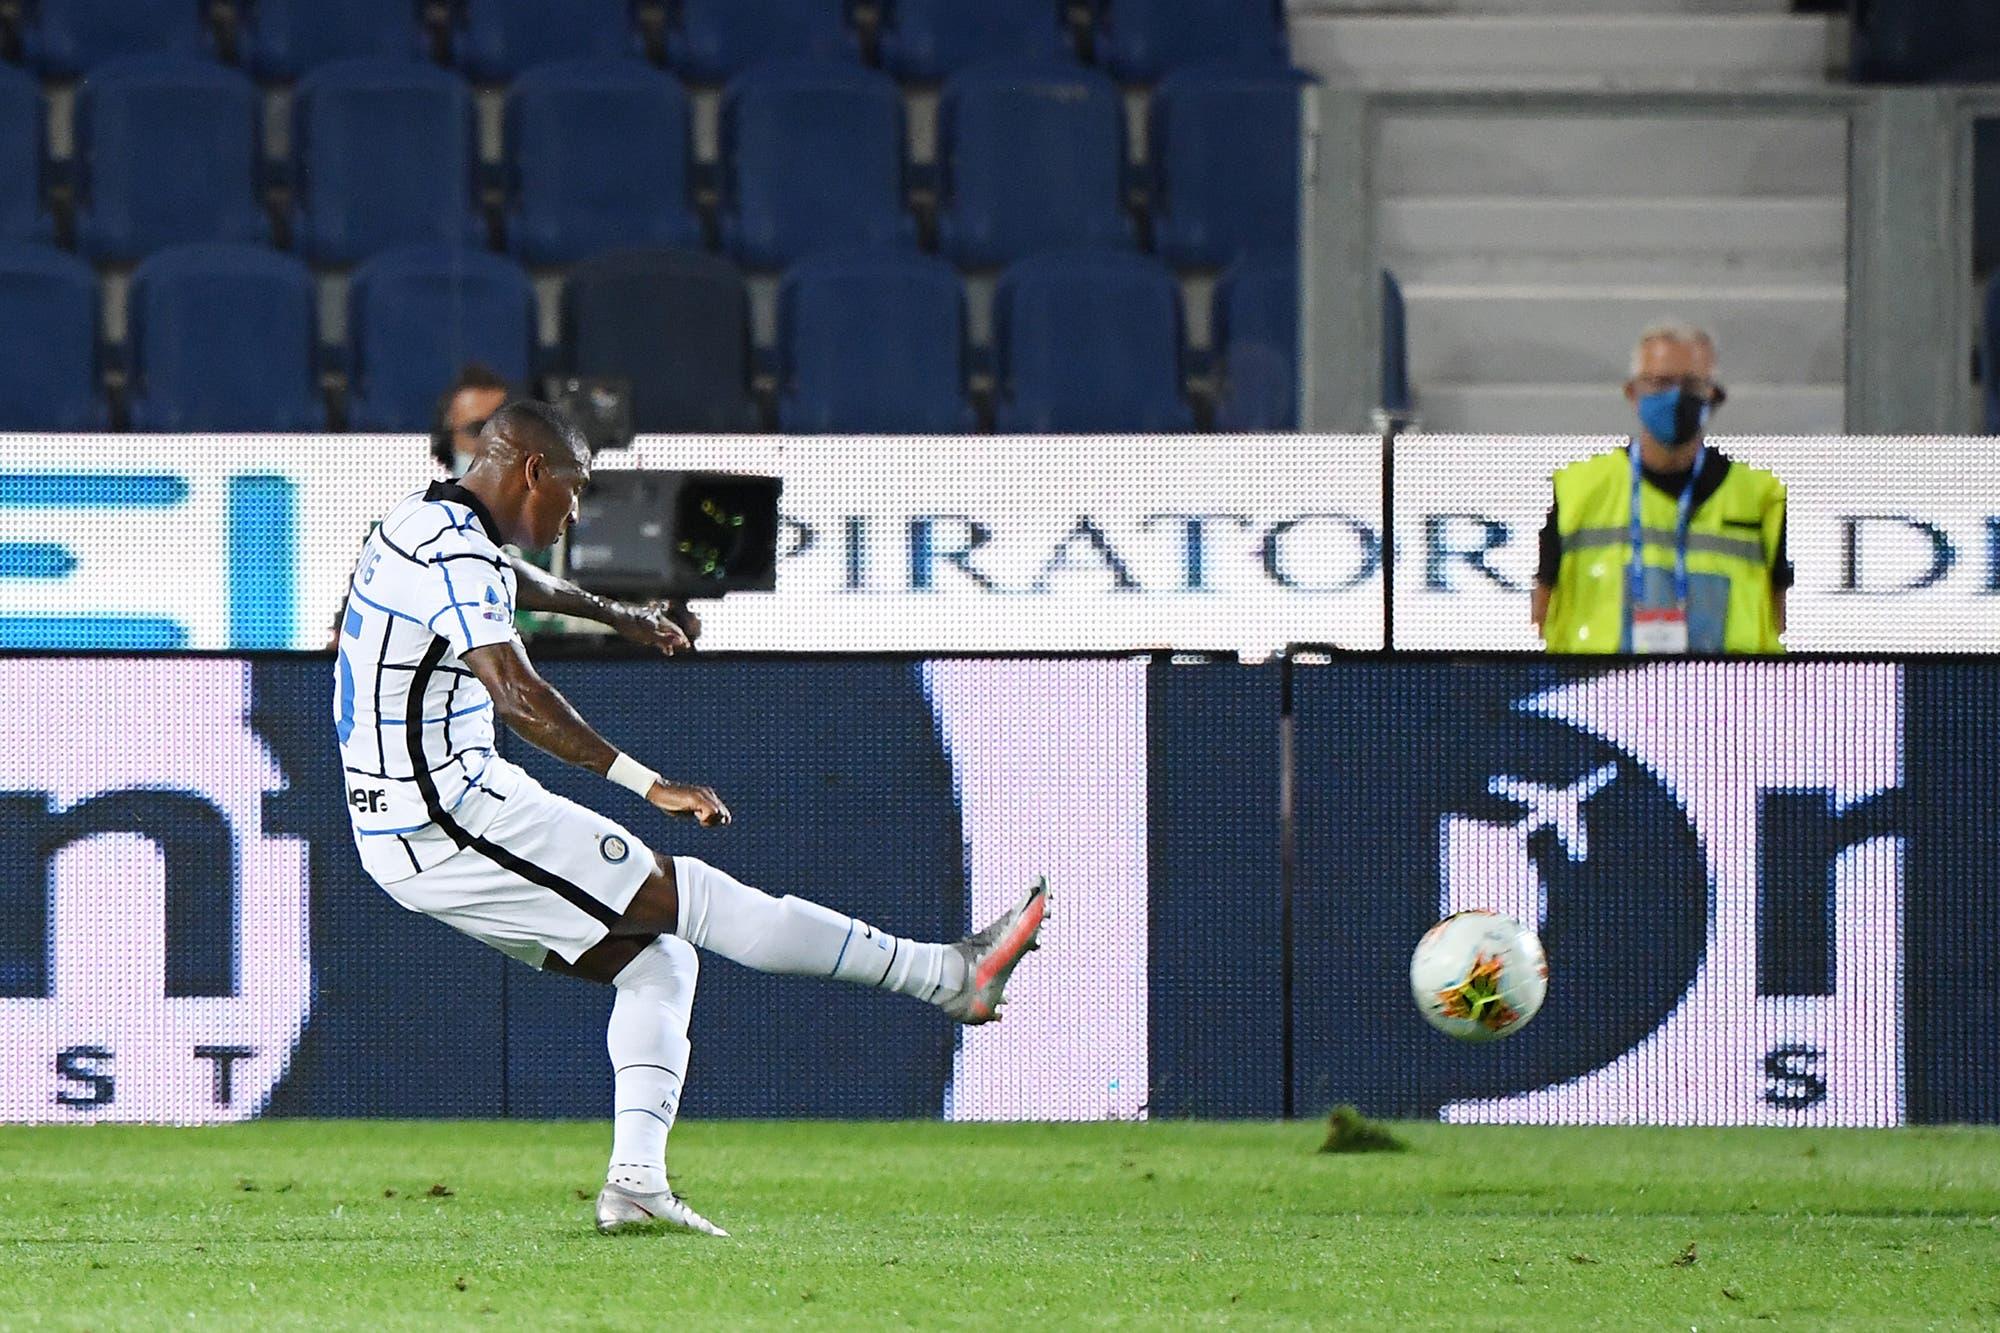 Inter subcampeón: el equipo de Lautaro Martínez venció a Atalanta y se quedó con el segundo puesto de la Serie A